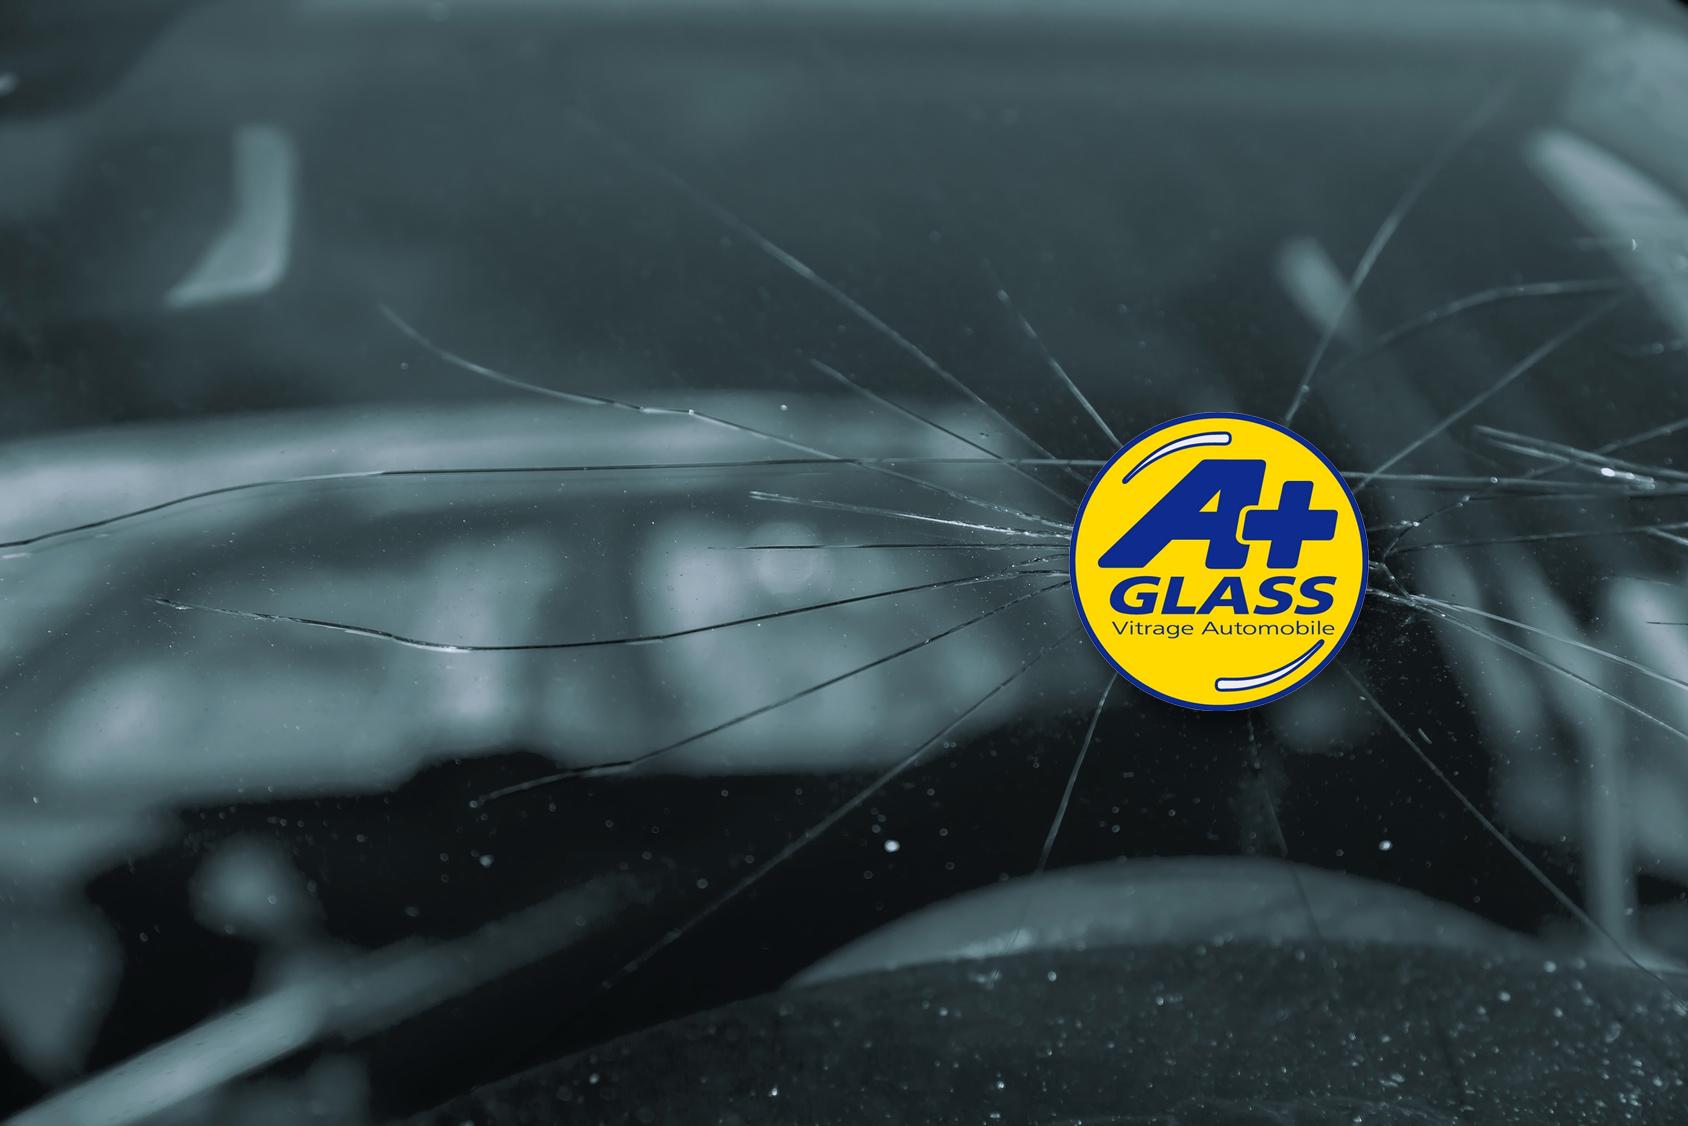 A+ Glass, réparation bris de glace